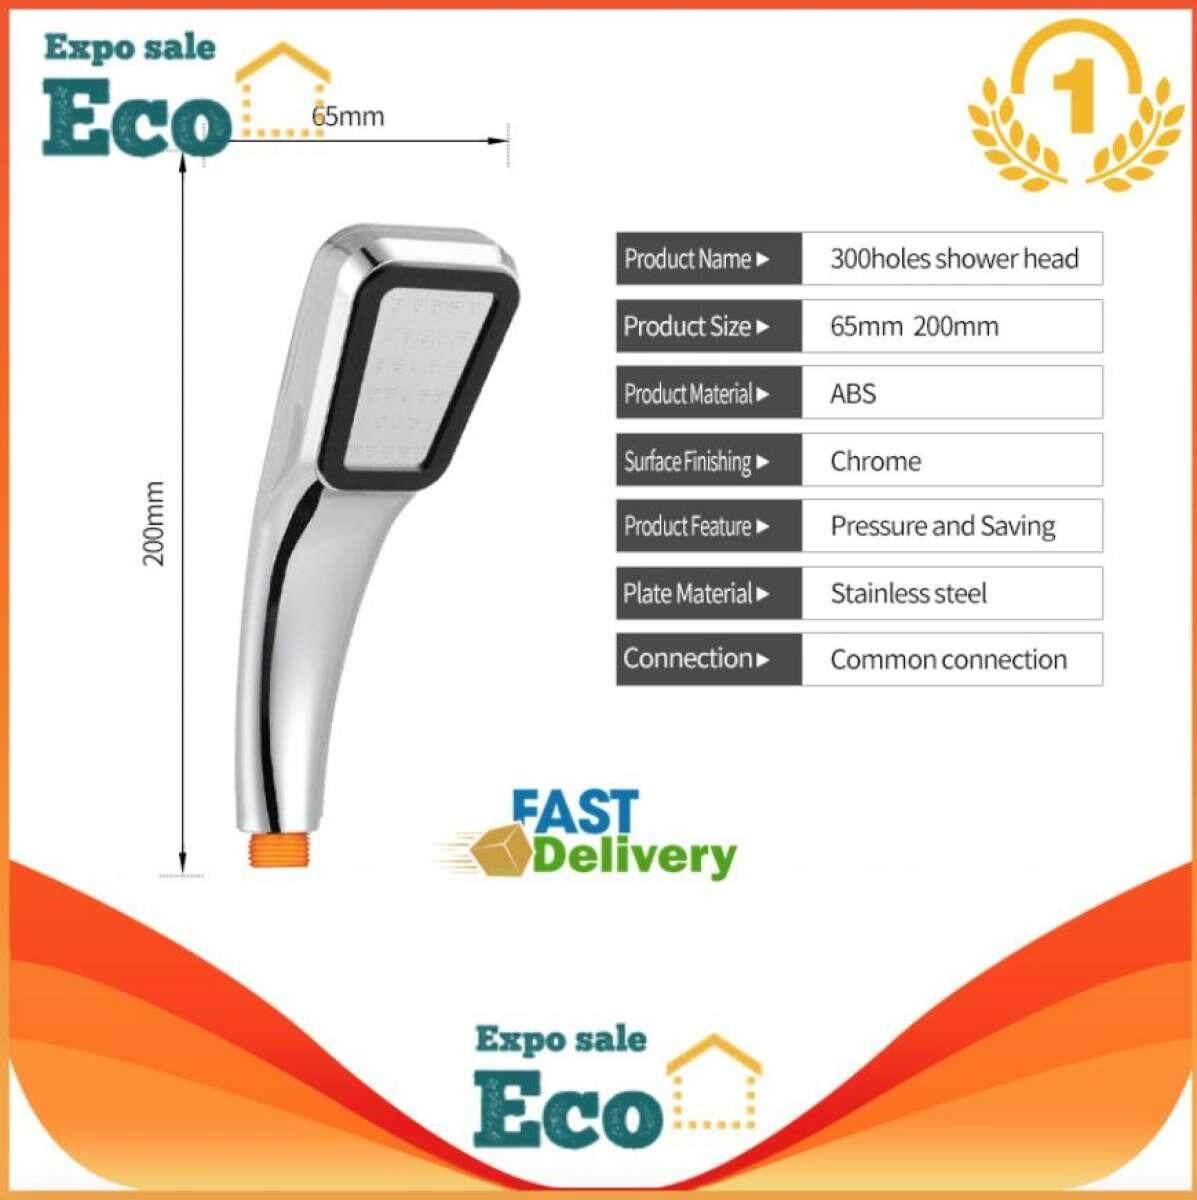 Eco ฝักบัวแรงดันสูง ฝักบัวเกาหลี ช่วยเพิ่มแรงดันน้ำ และประหยัดน้ำ Spa Energy Spray Shower Head ฝักบัวประหยัดน้ำ ฝักบัวอาบน้ำ (silver).